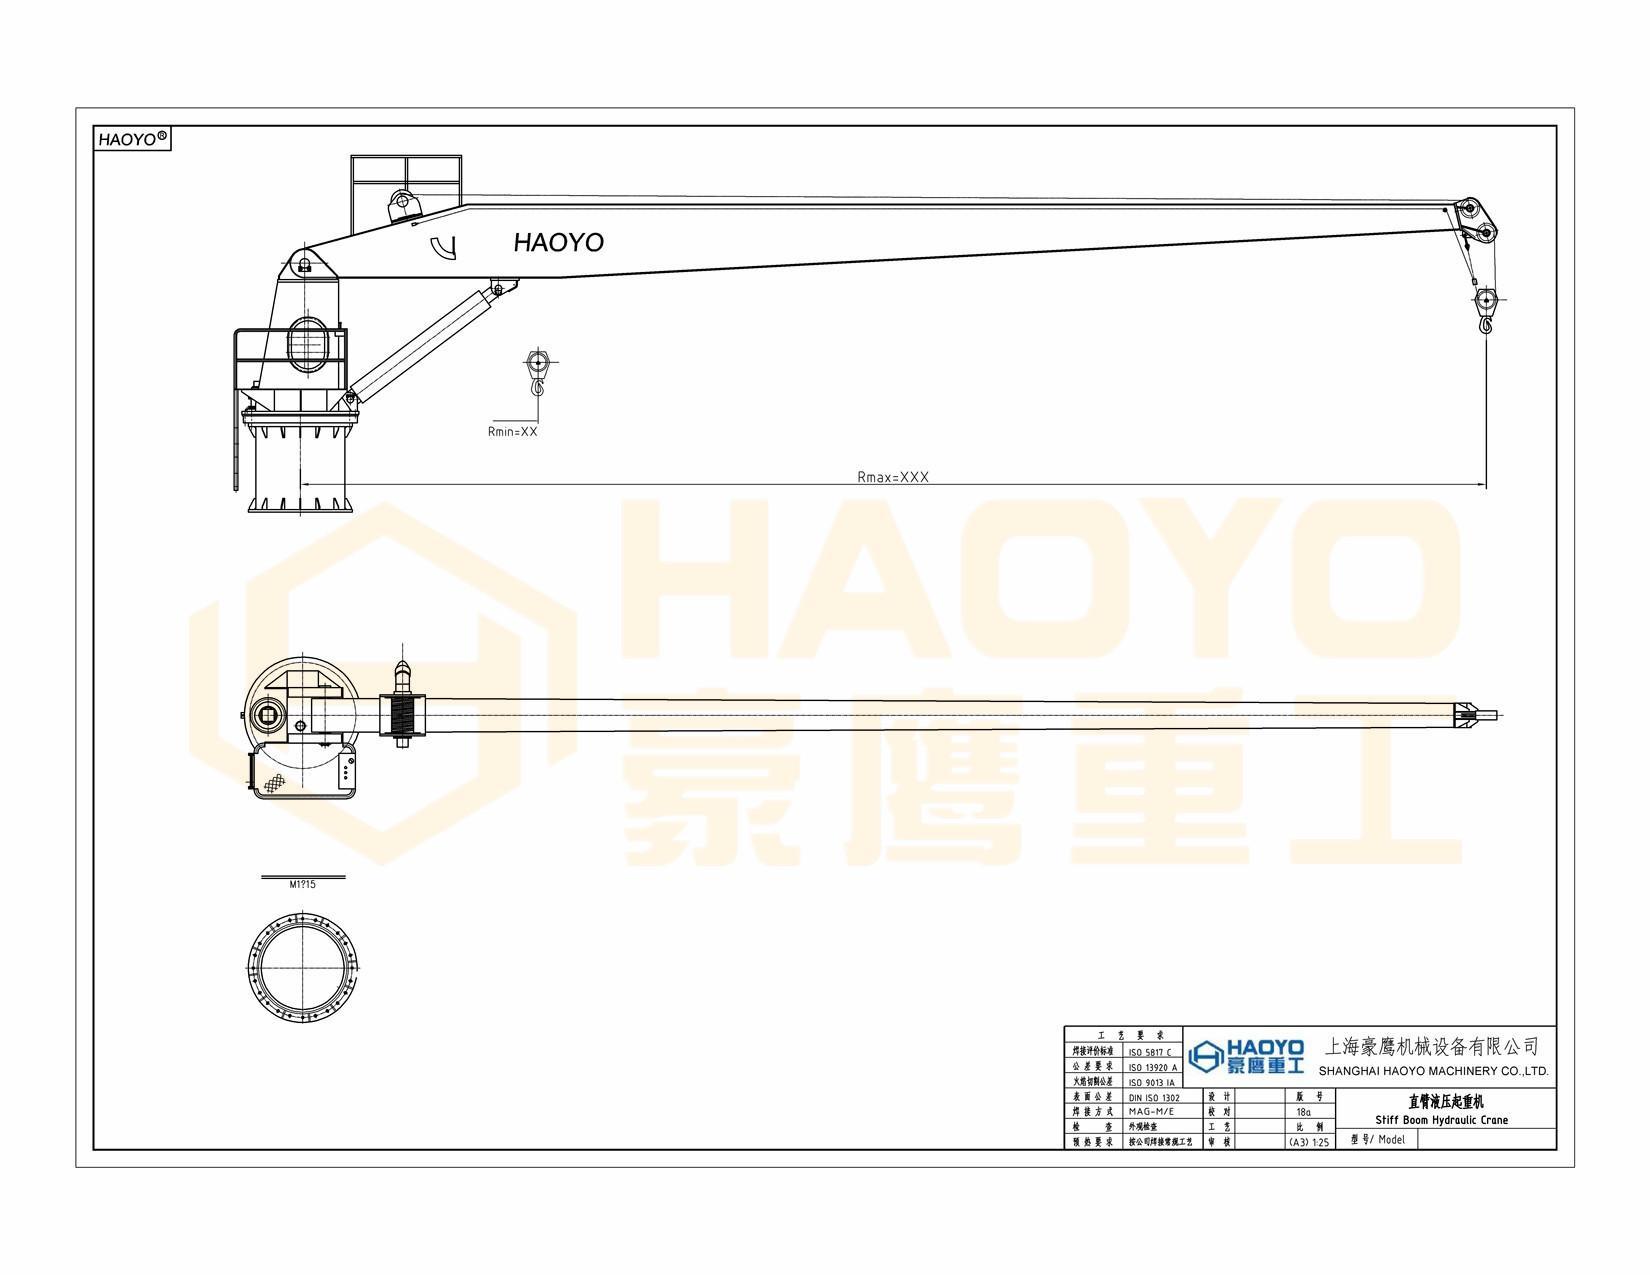 Small Cargo 5 ton Boat Ship Provision Crane 4